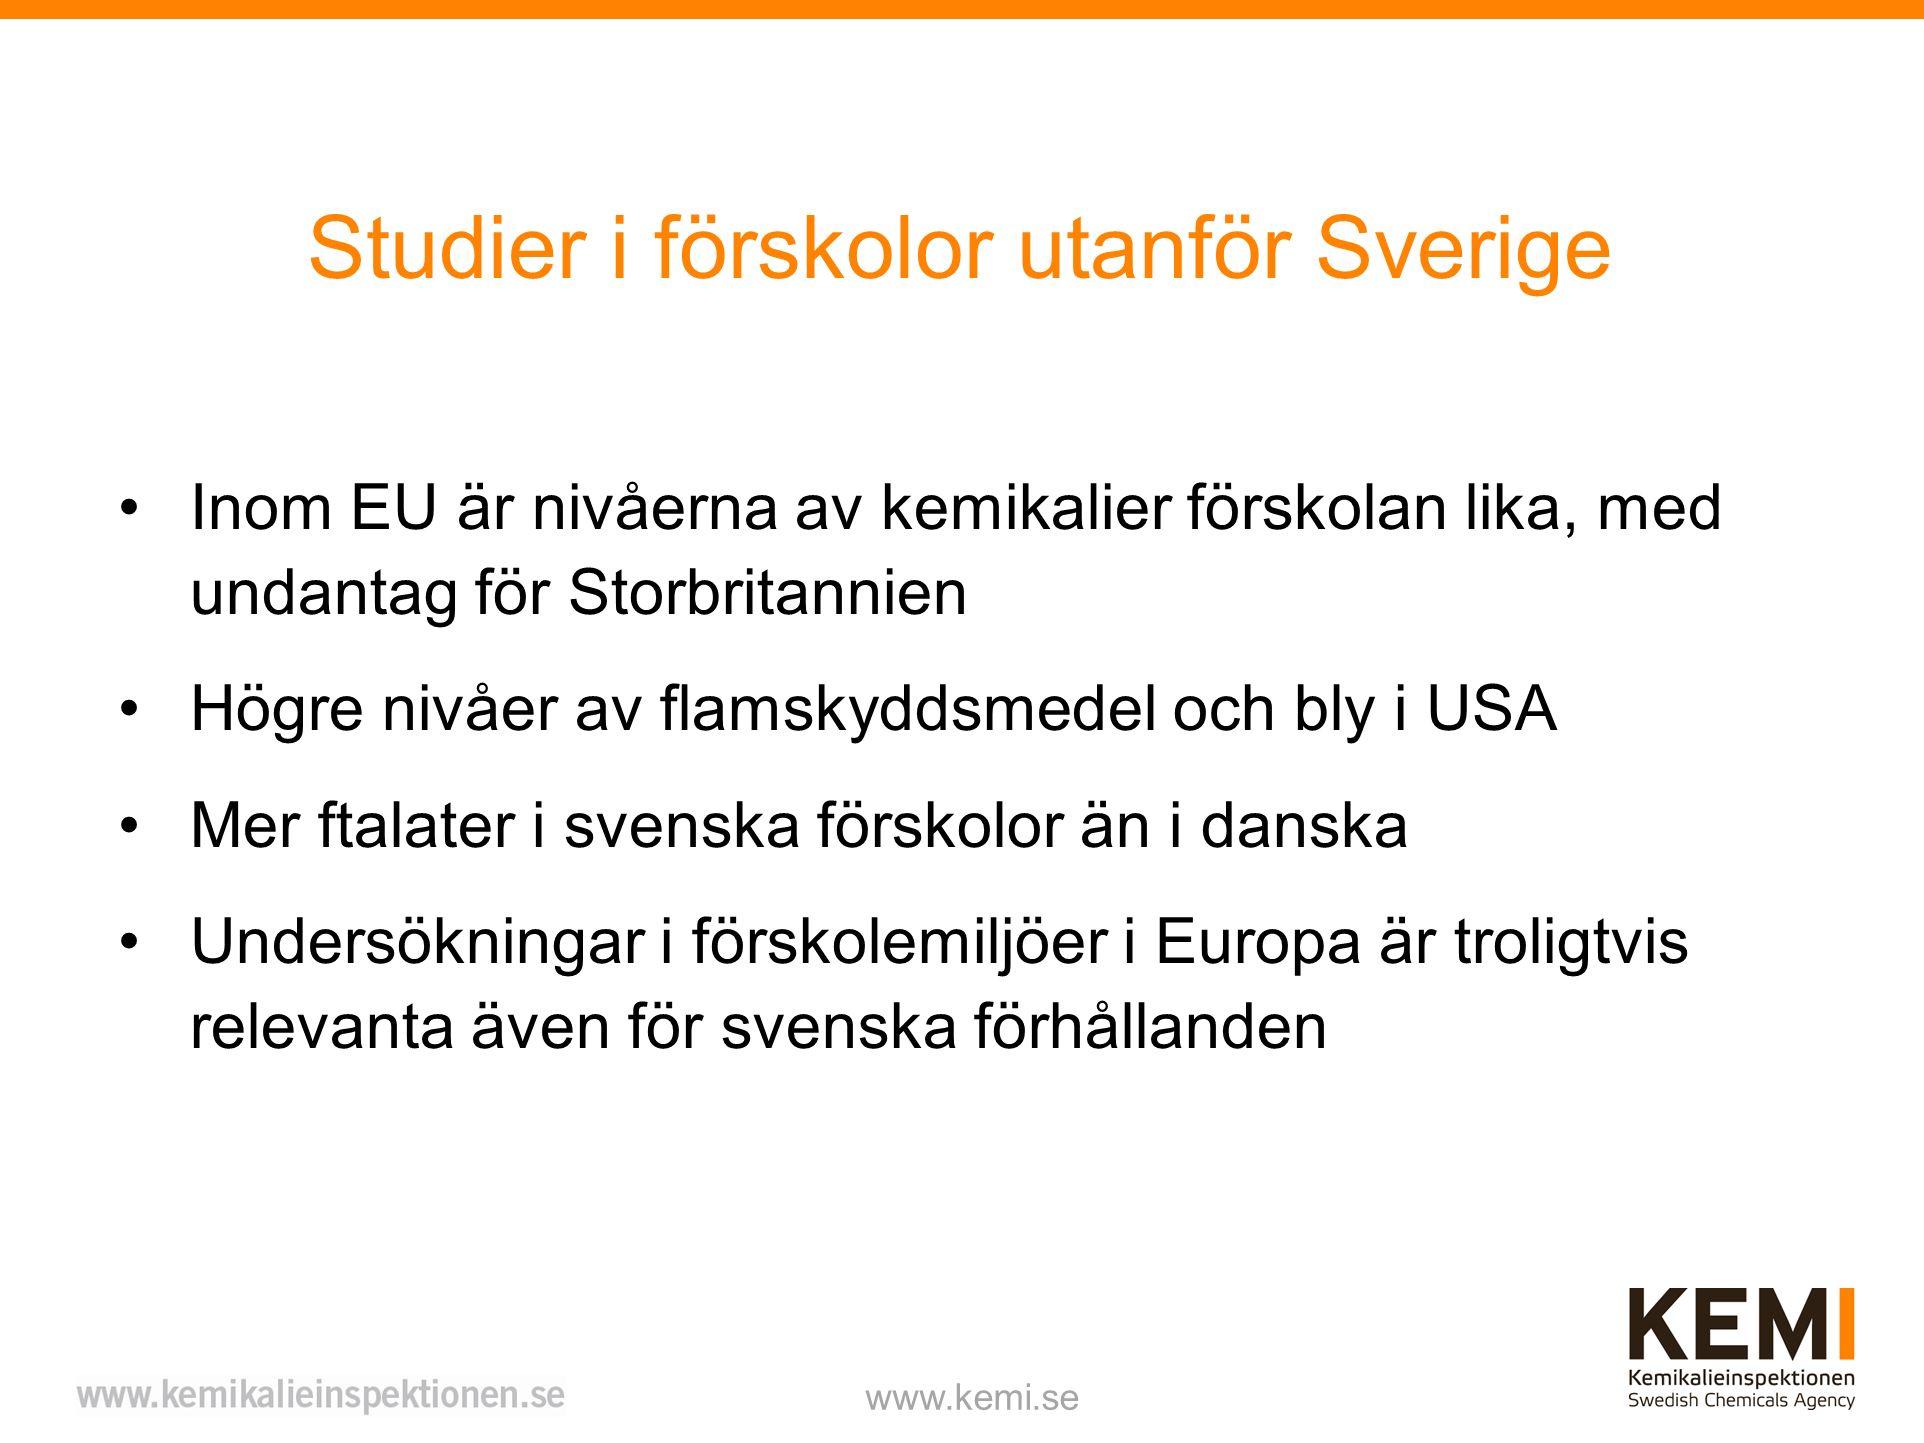 Studier i förskolor utanför Sverige www.kemi.se Inom EU är nivåerna av kemikalier förskolan lika, med undantag för Storbritannien Högre nivåer av flamskyddsmedel och bly i USA Mer ftalater i svenska förskolor än i danska Undersökningar i förskolemiljöer i Europa är troligtvis relevanta även för svenska förhållanden